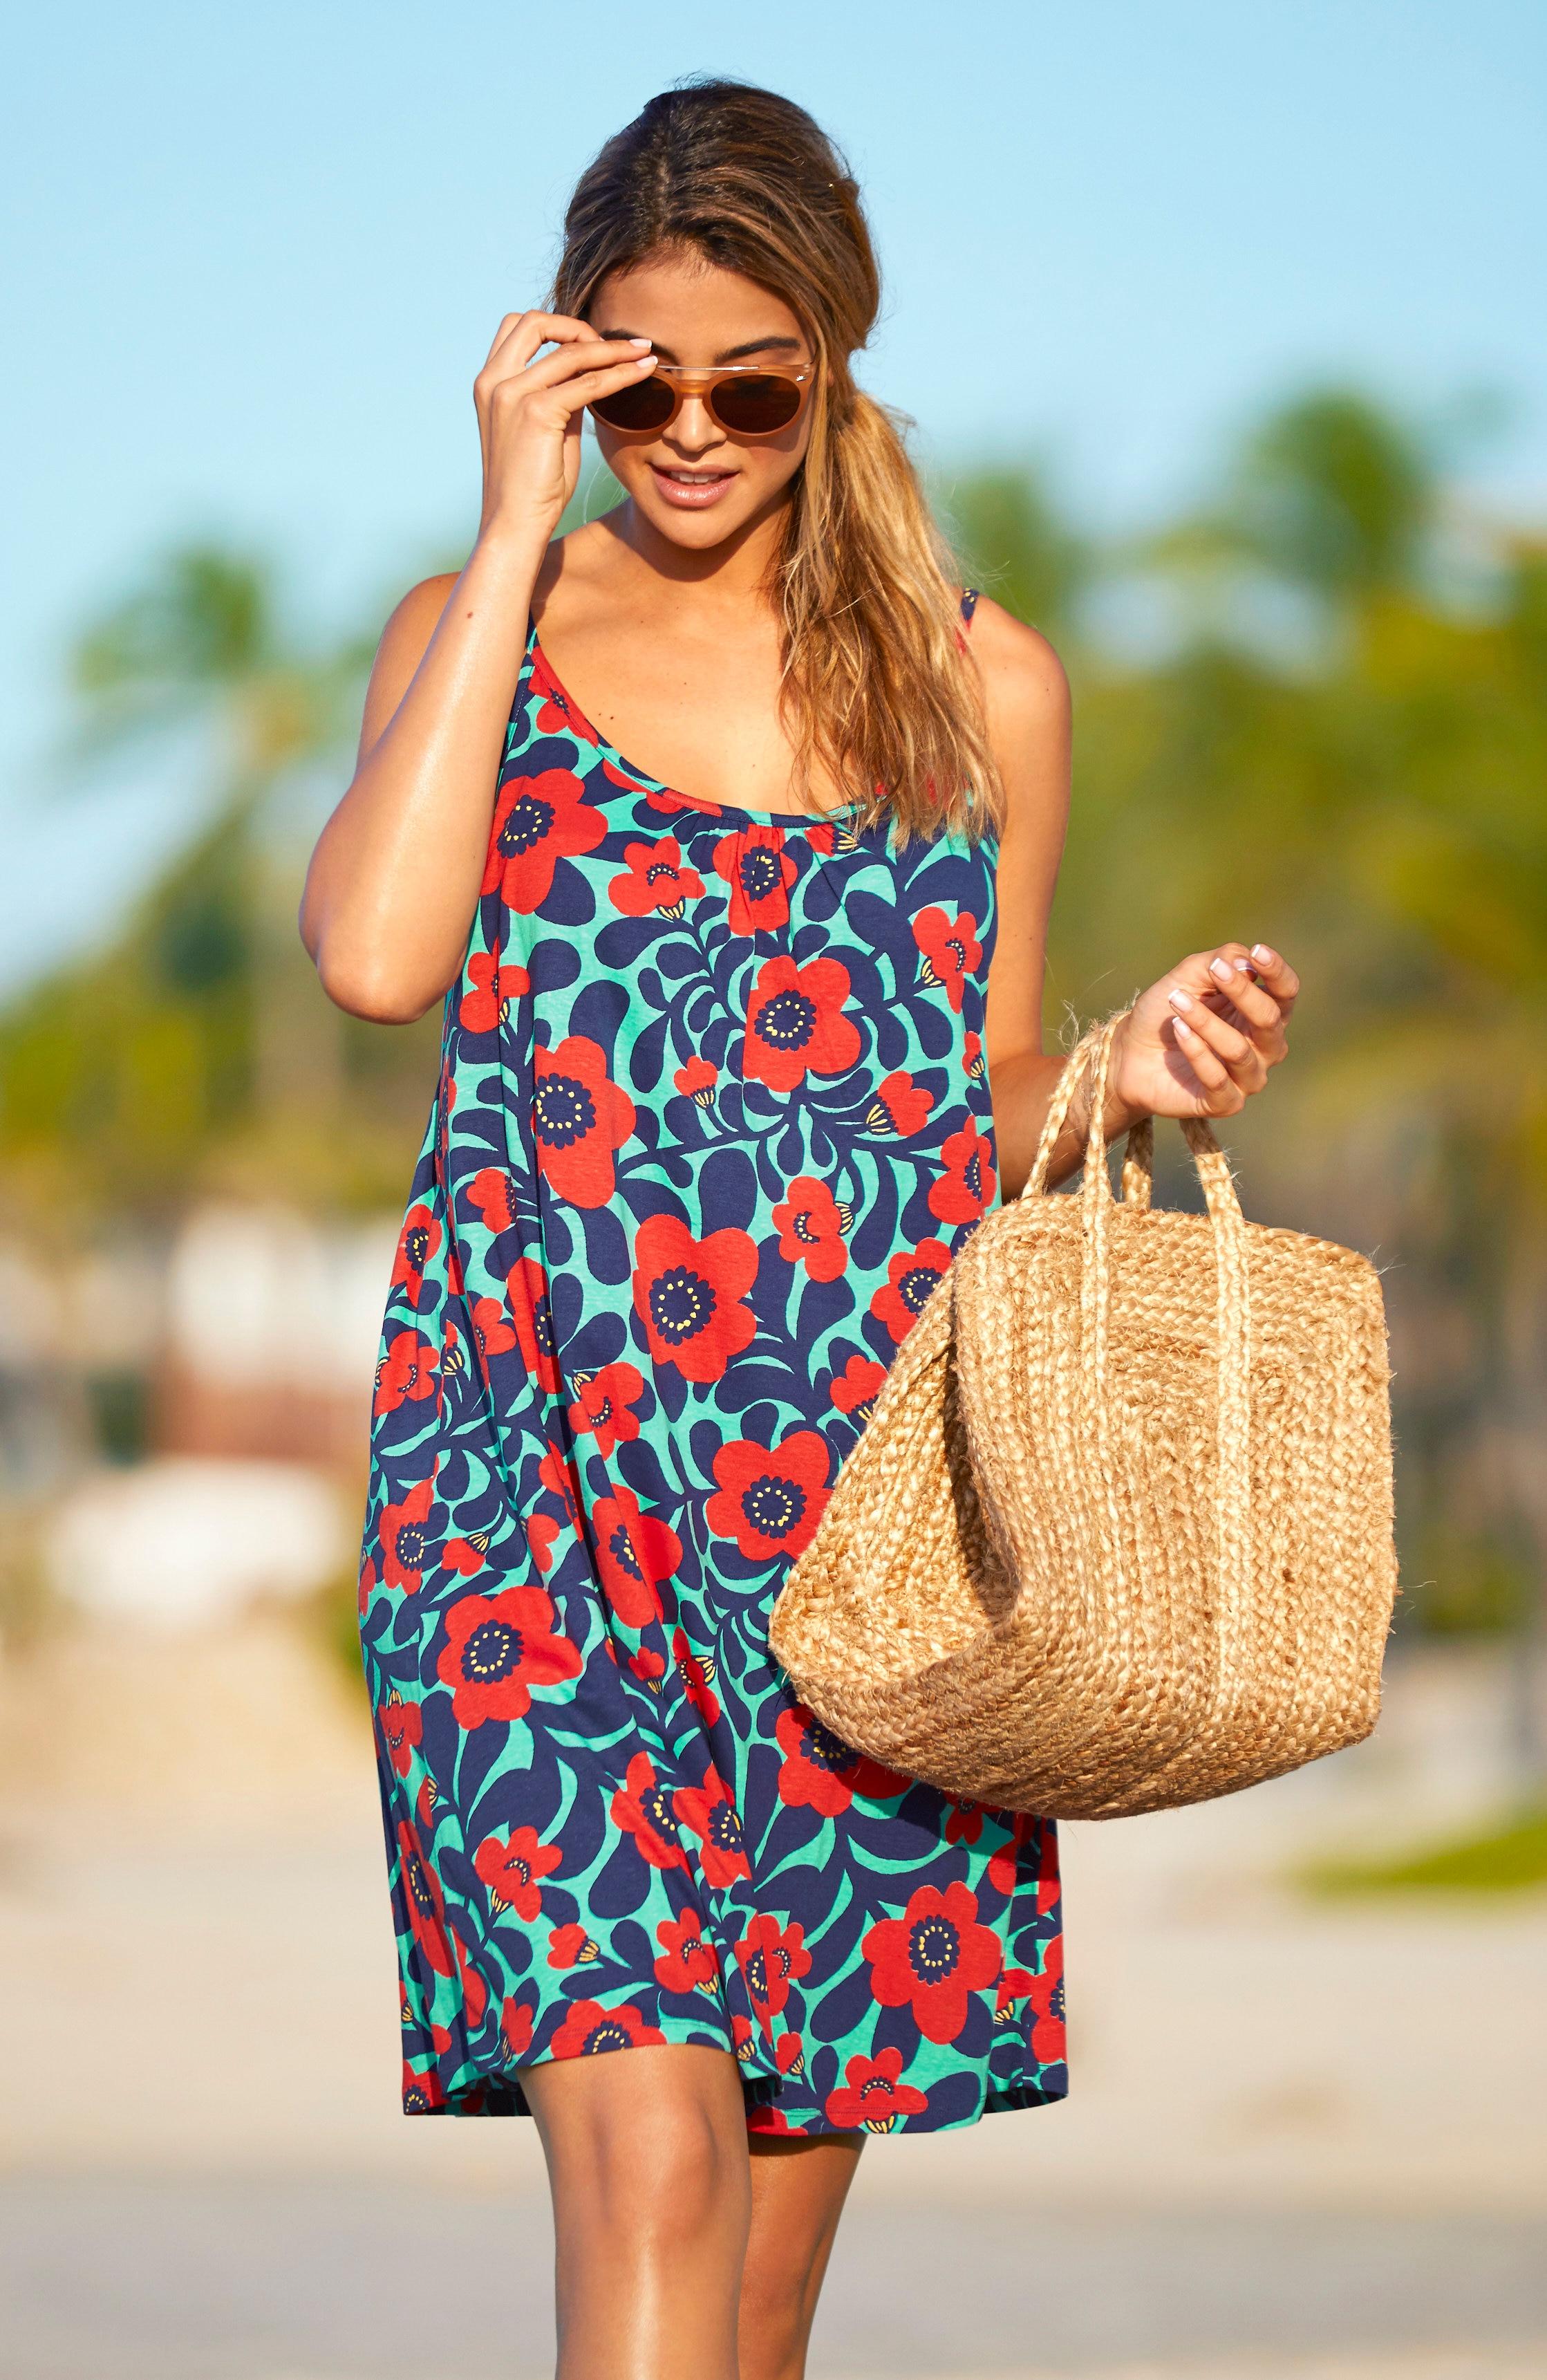 Blommig strandklänning